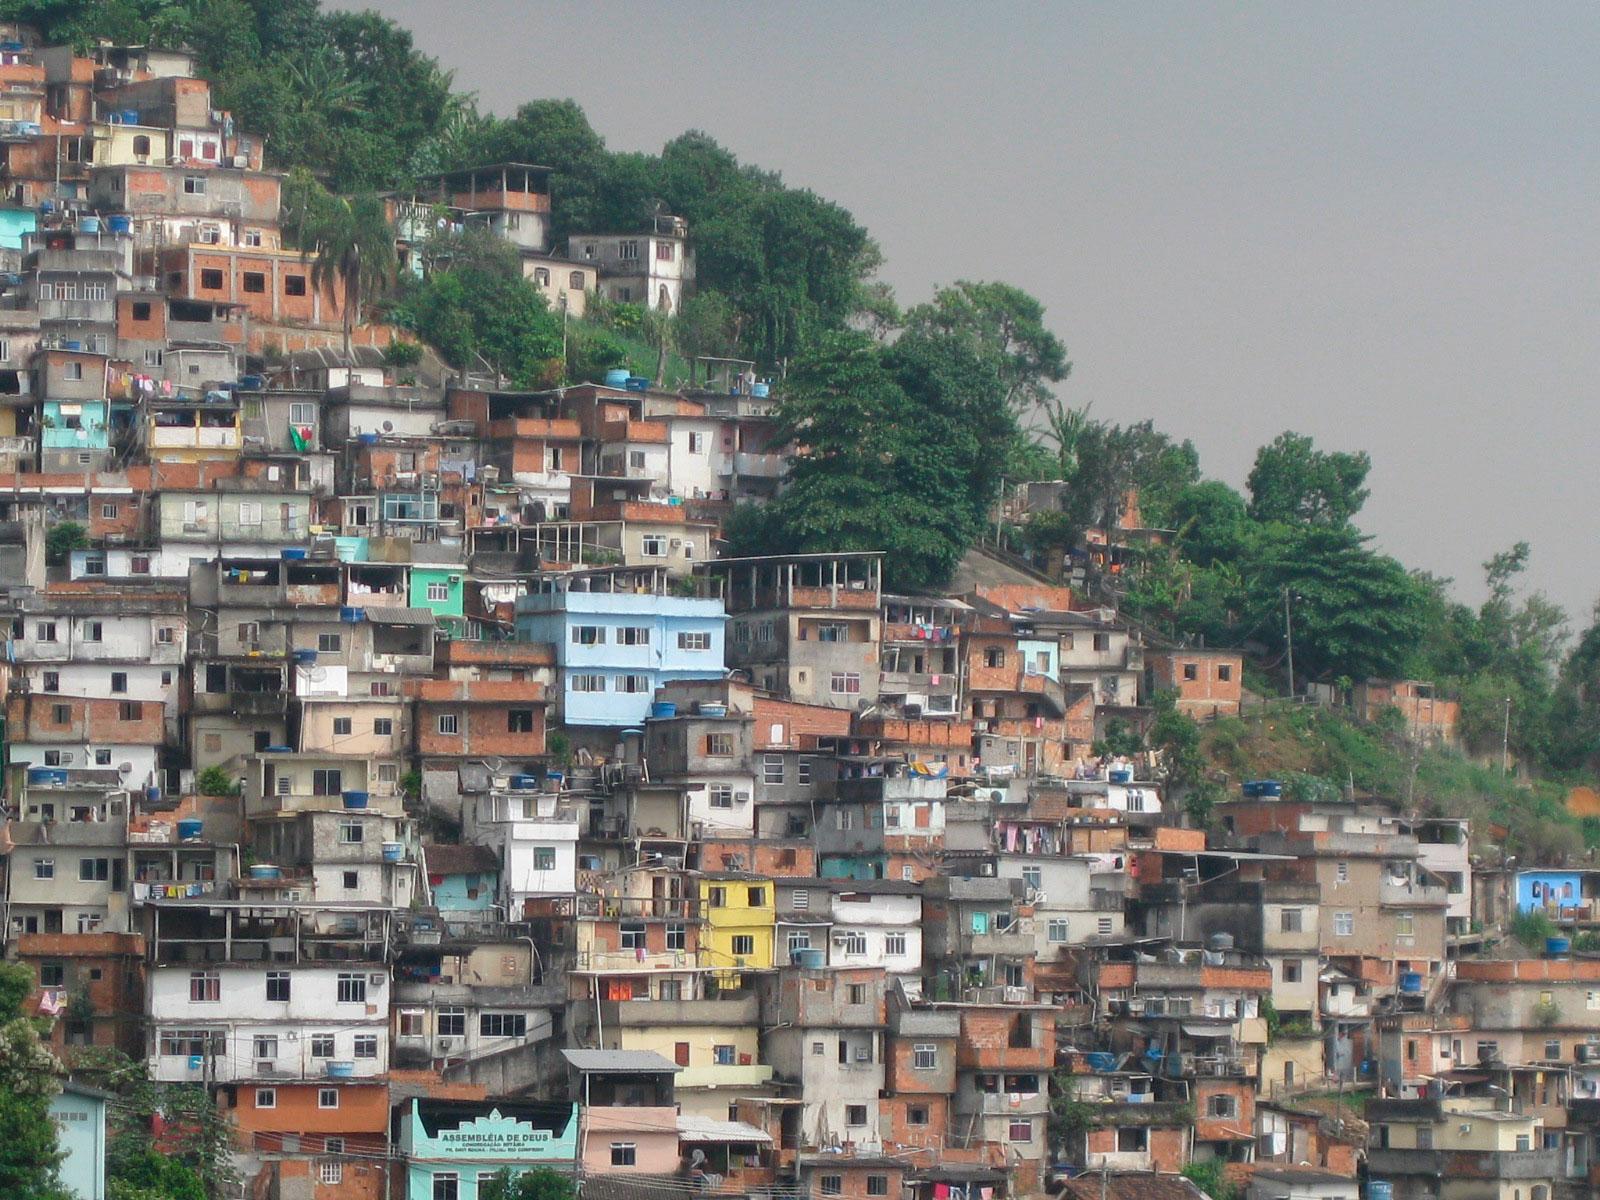 Brasil: Cunde el miedo en las favelas antes de los Juegos Olímpicos de Río